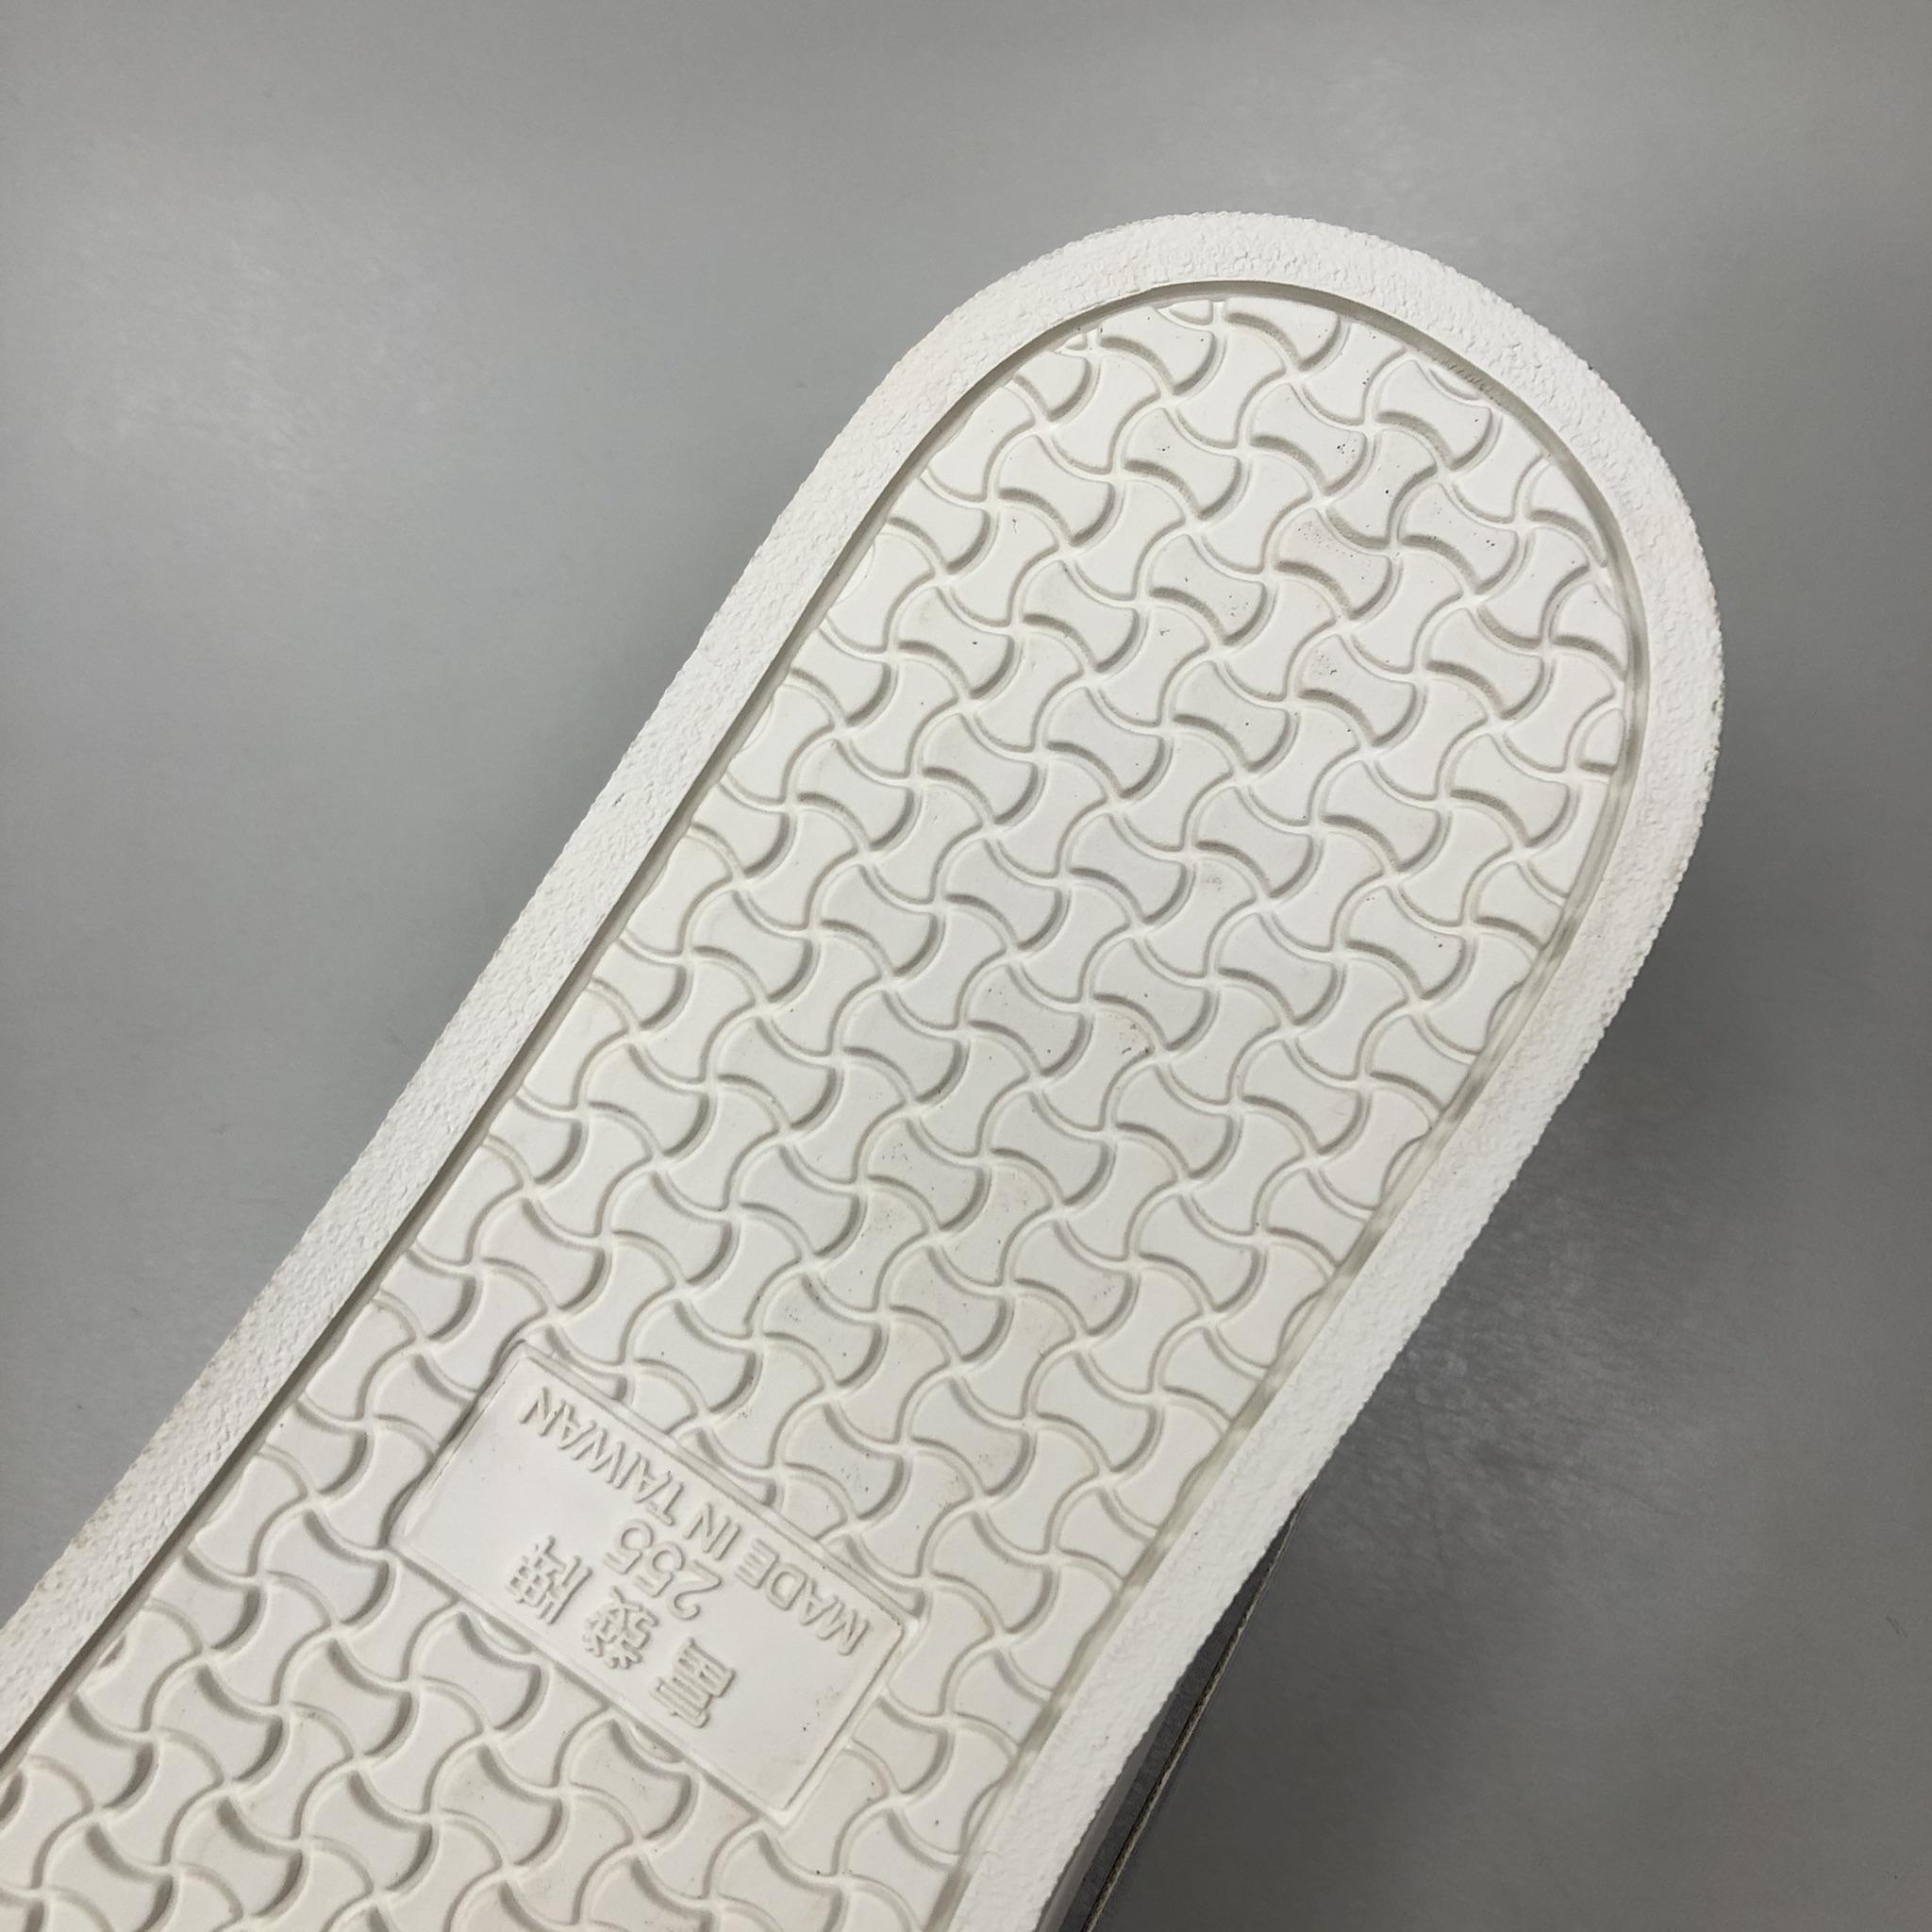 鞋子構造_休閒鞋鞋底